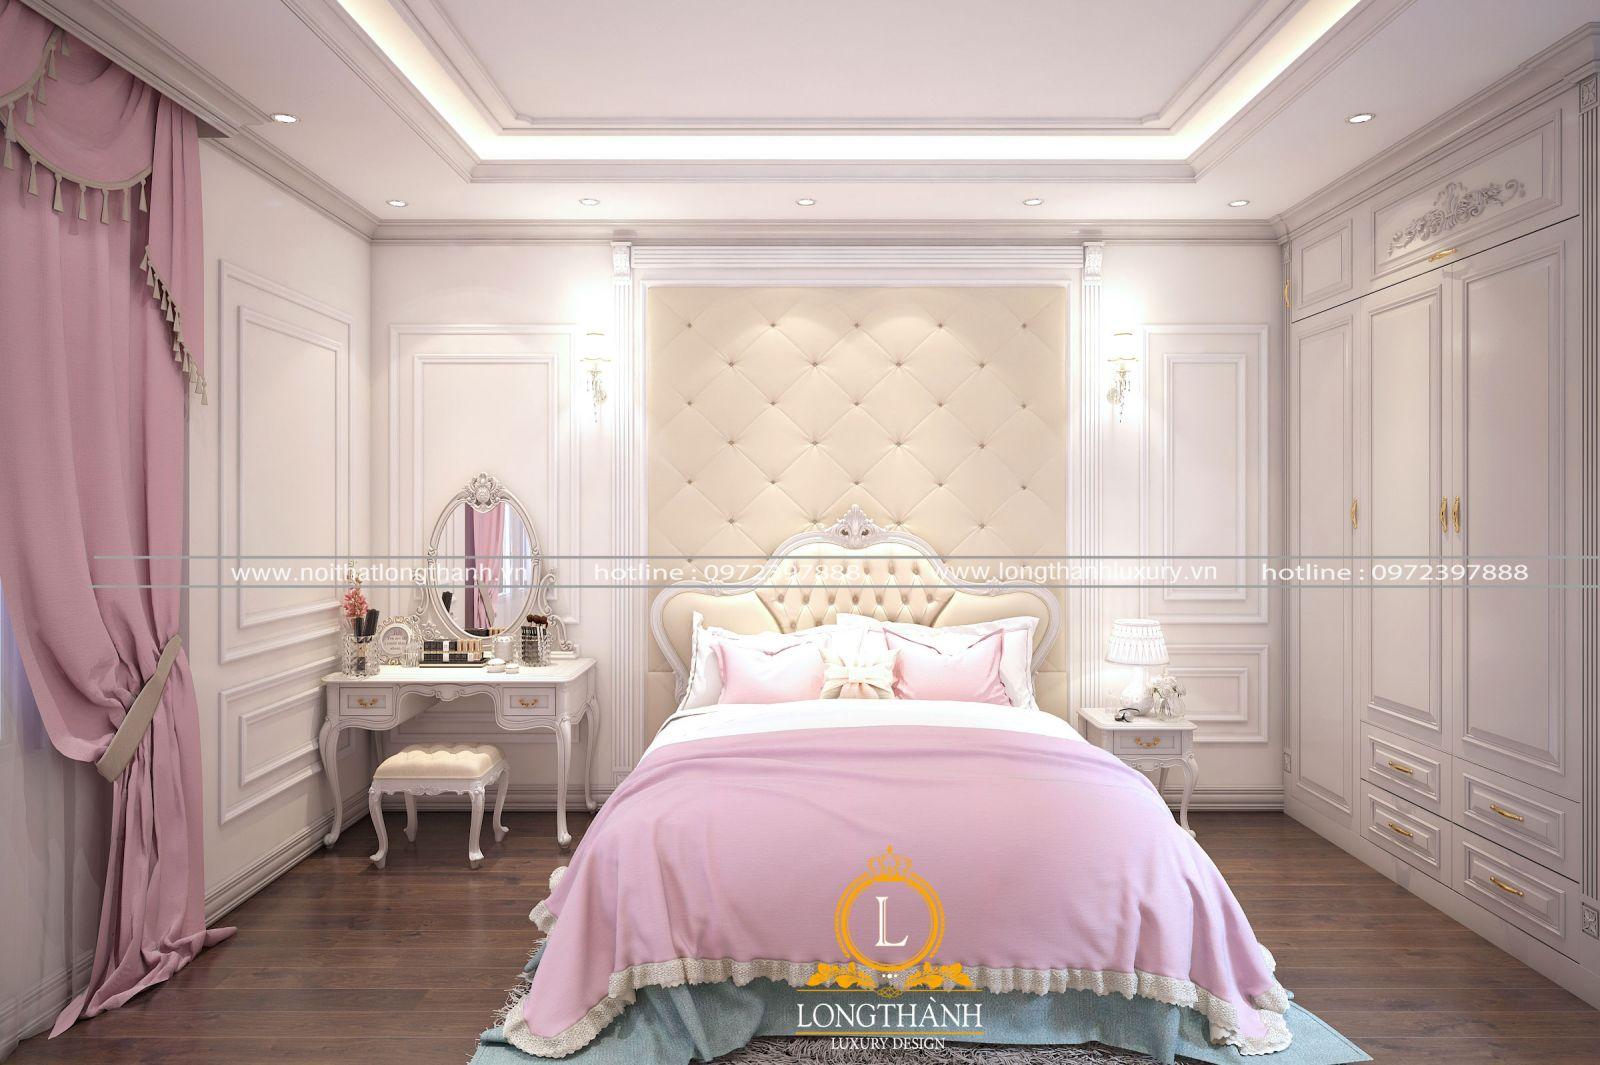 Mẫu phòng ngủ hiện đại màu hồng đặc biệt phù hợp cho những bé gái